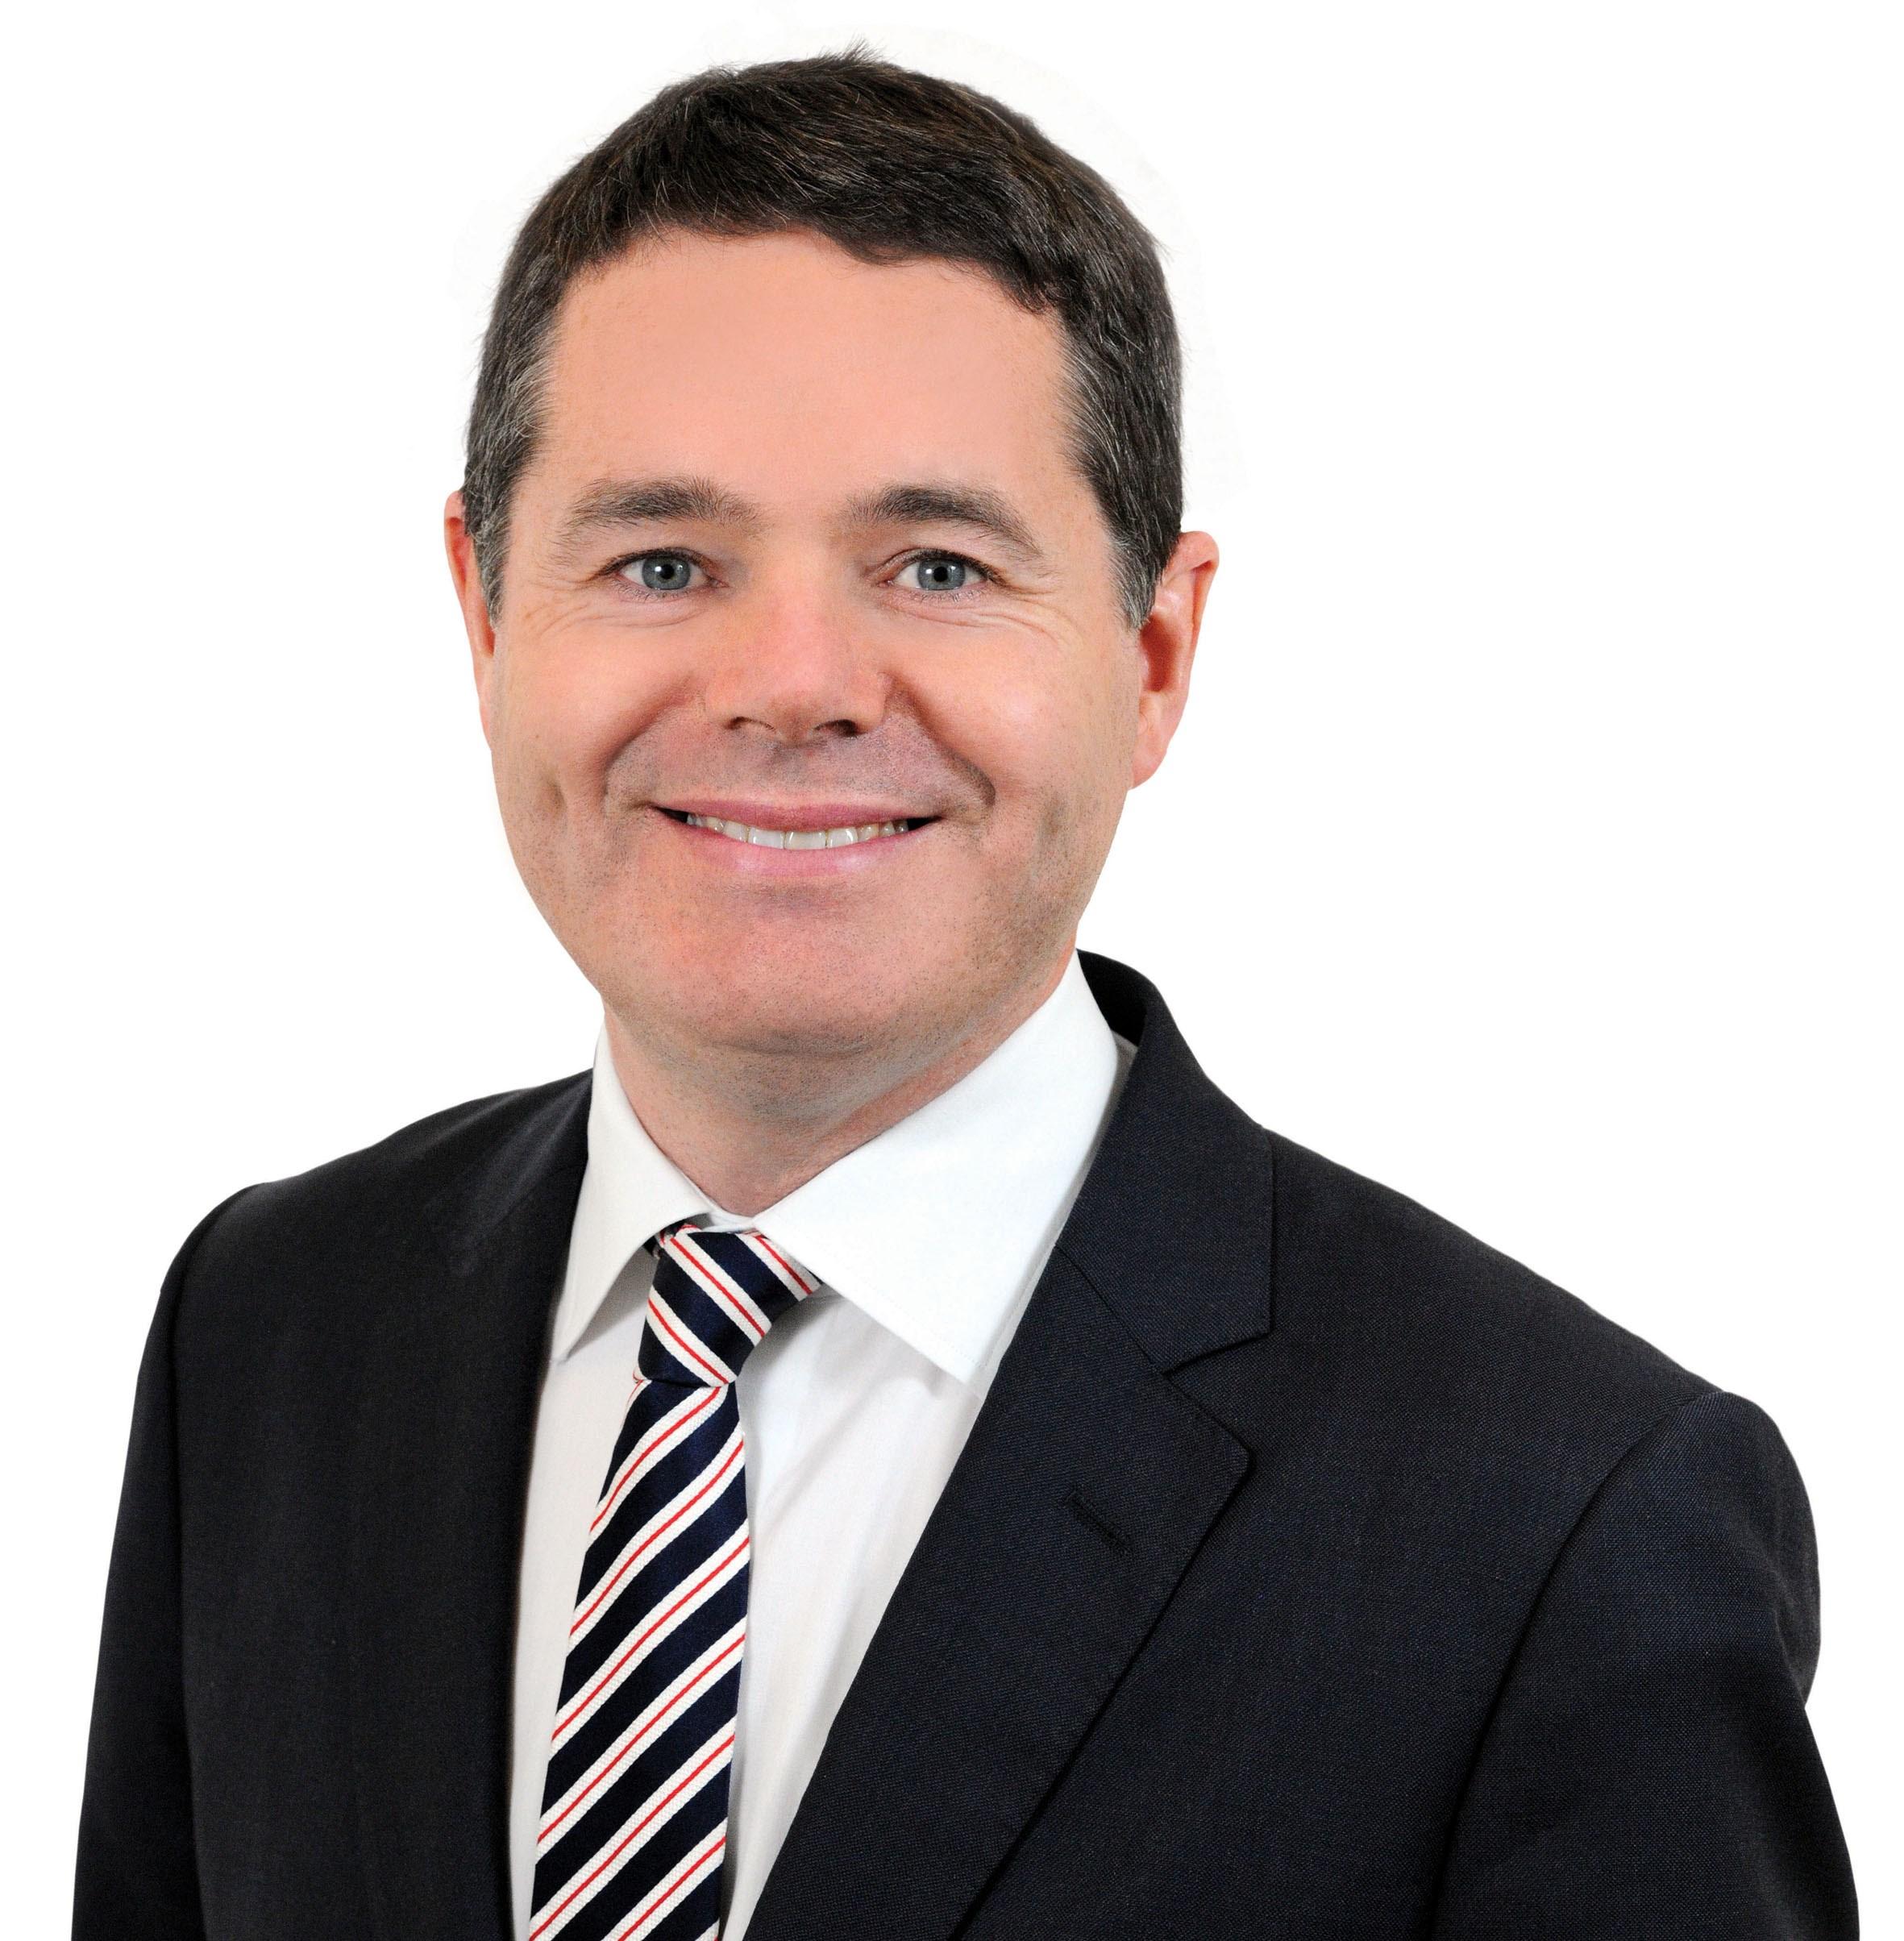 Eletto Donohoe del partito Fine Gael, nuovo presidente dell'Eurogruppo